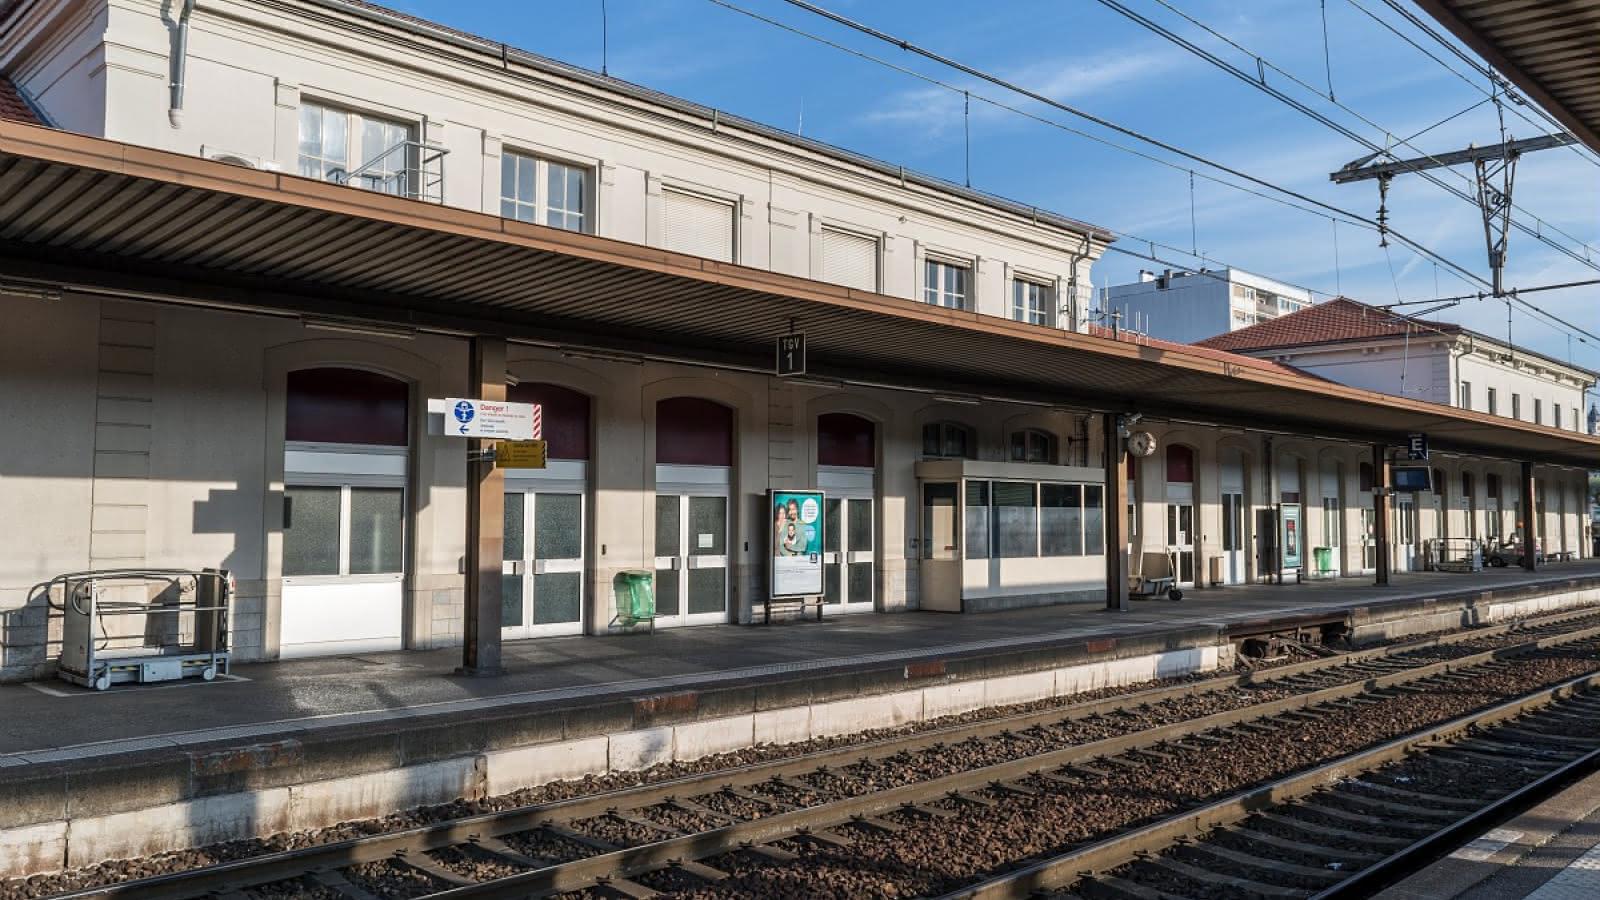 Gare de Chambéry - Challes les Eaux